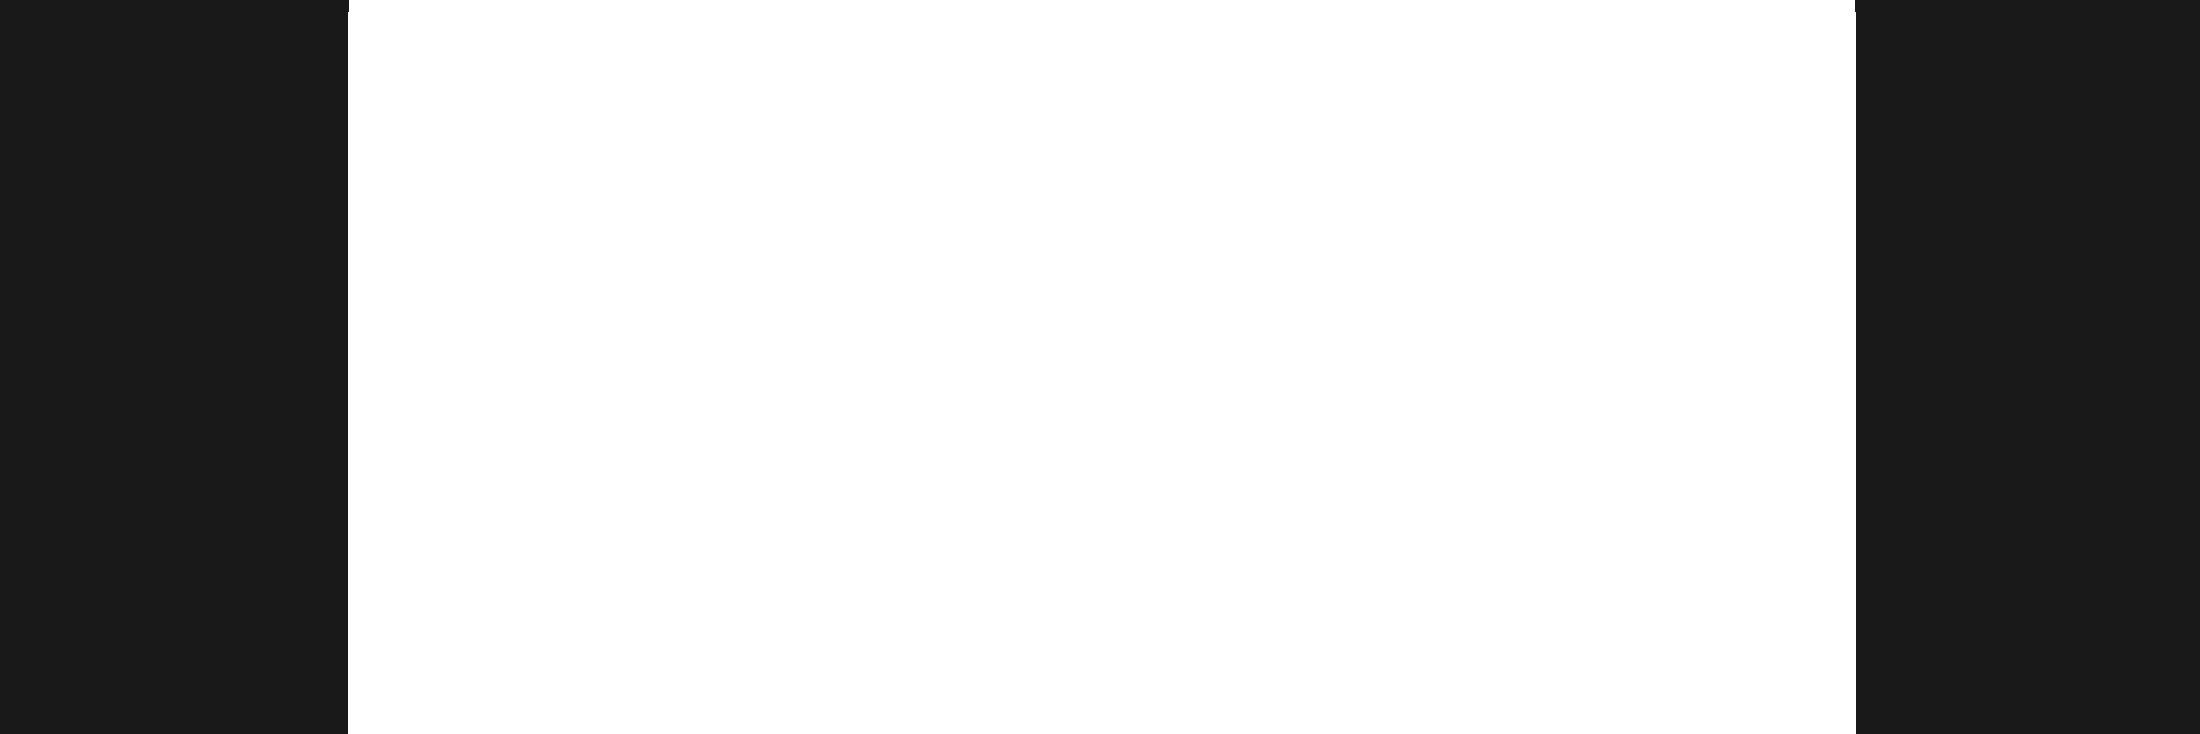 rg-imagetop